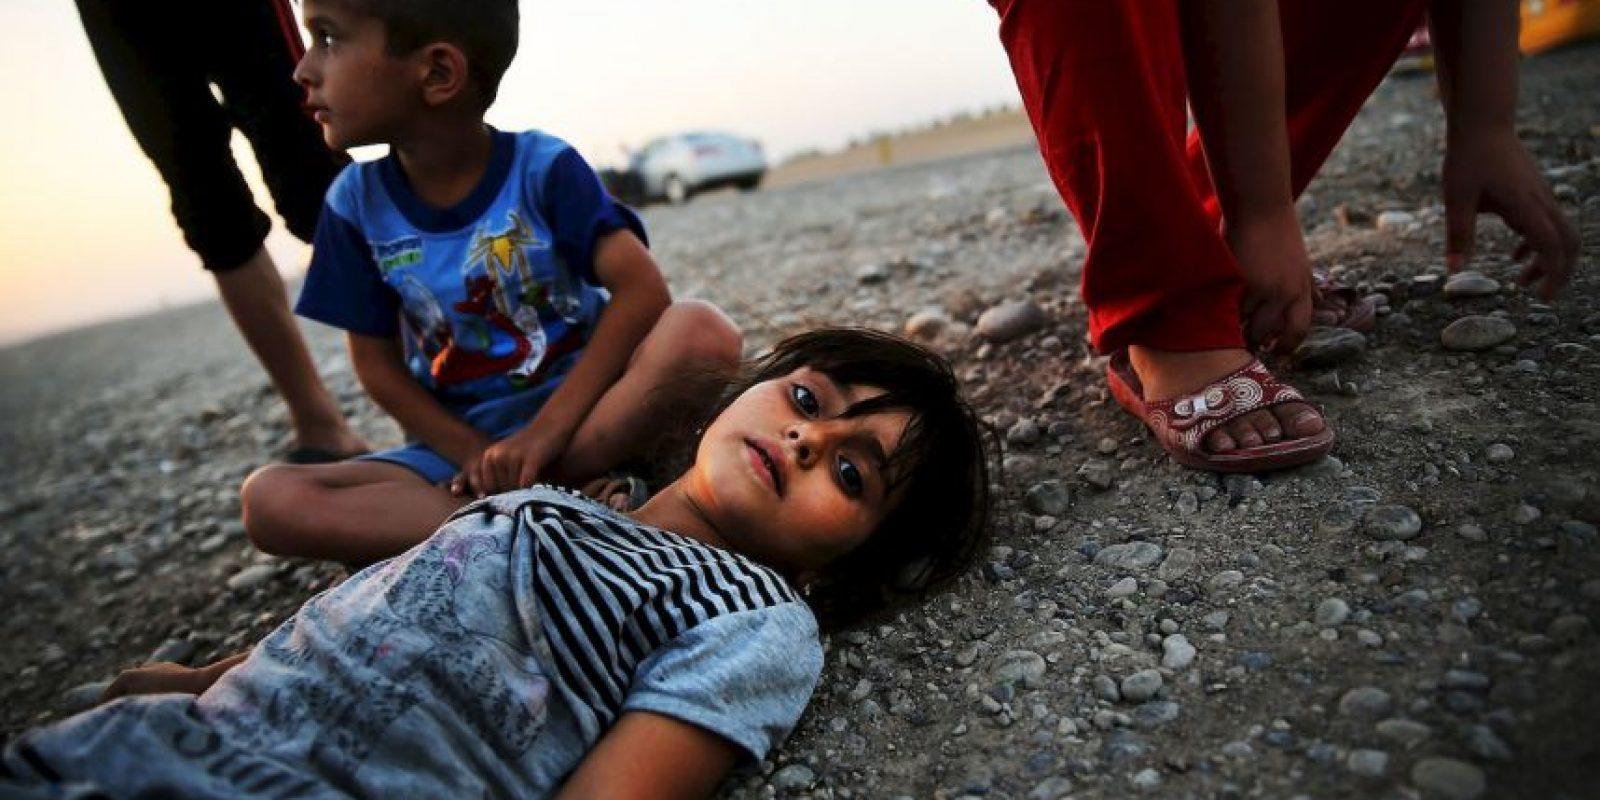 2. Los primeros videos que impactaron al mundo fueron las imágenes de los rehenes extranjeros que fueron decapitados. Foto:Getty Images